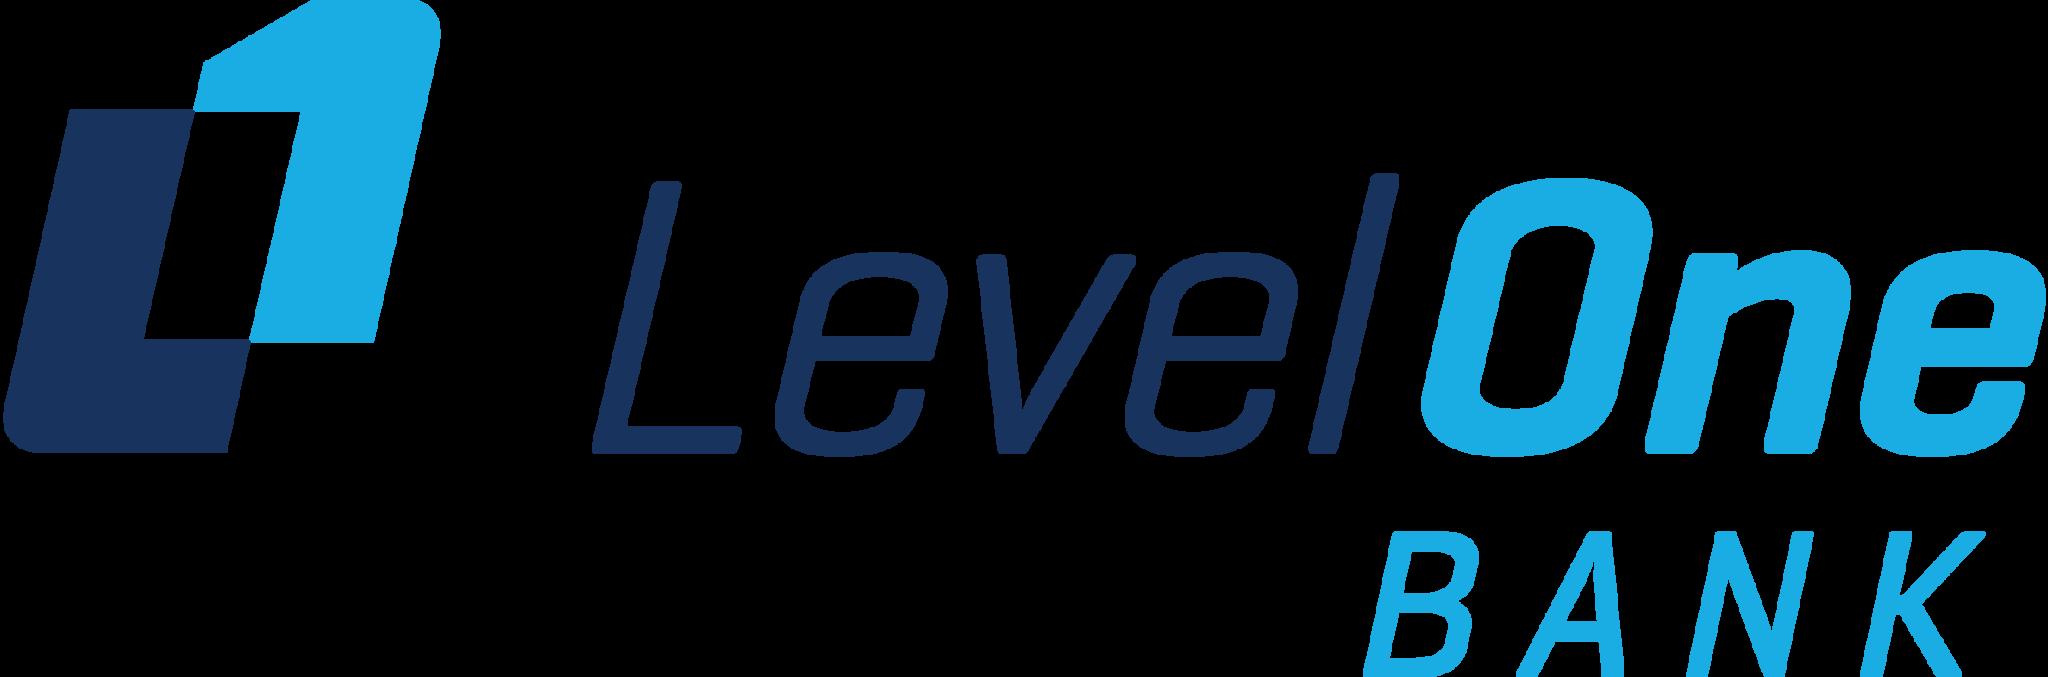 Level One Bank logo